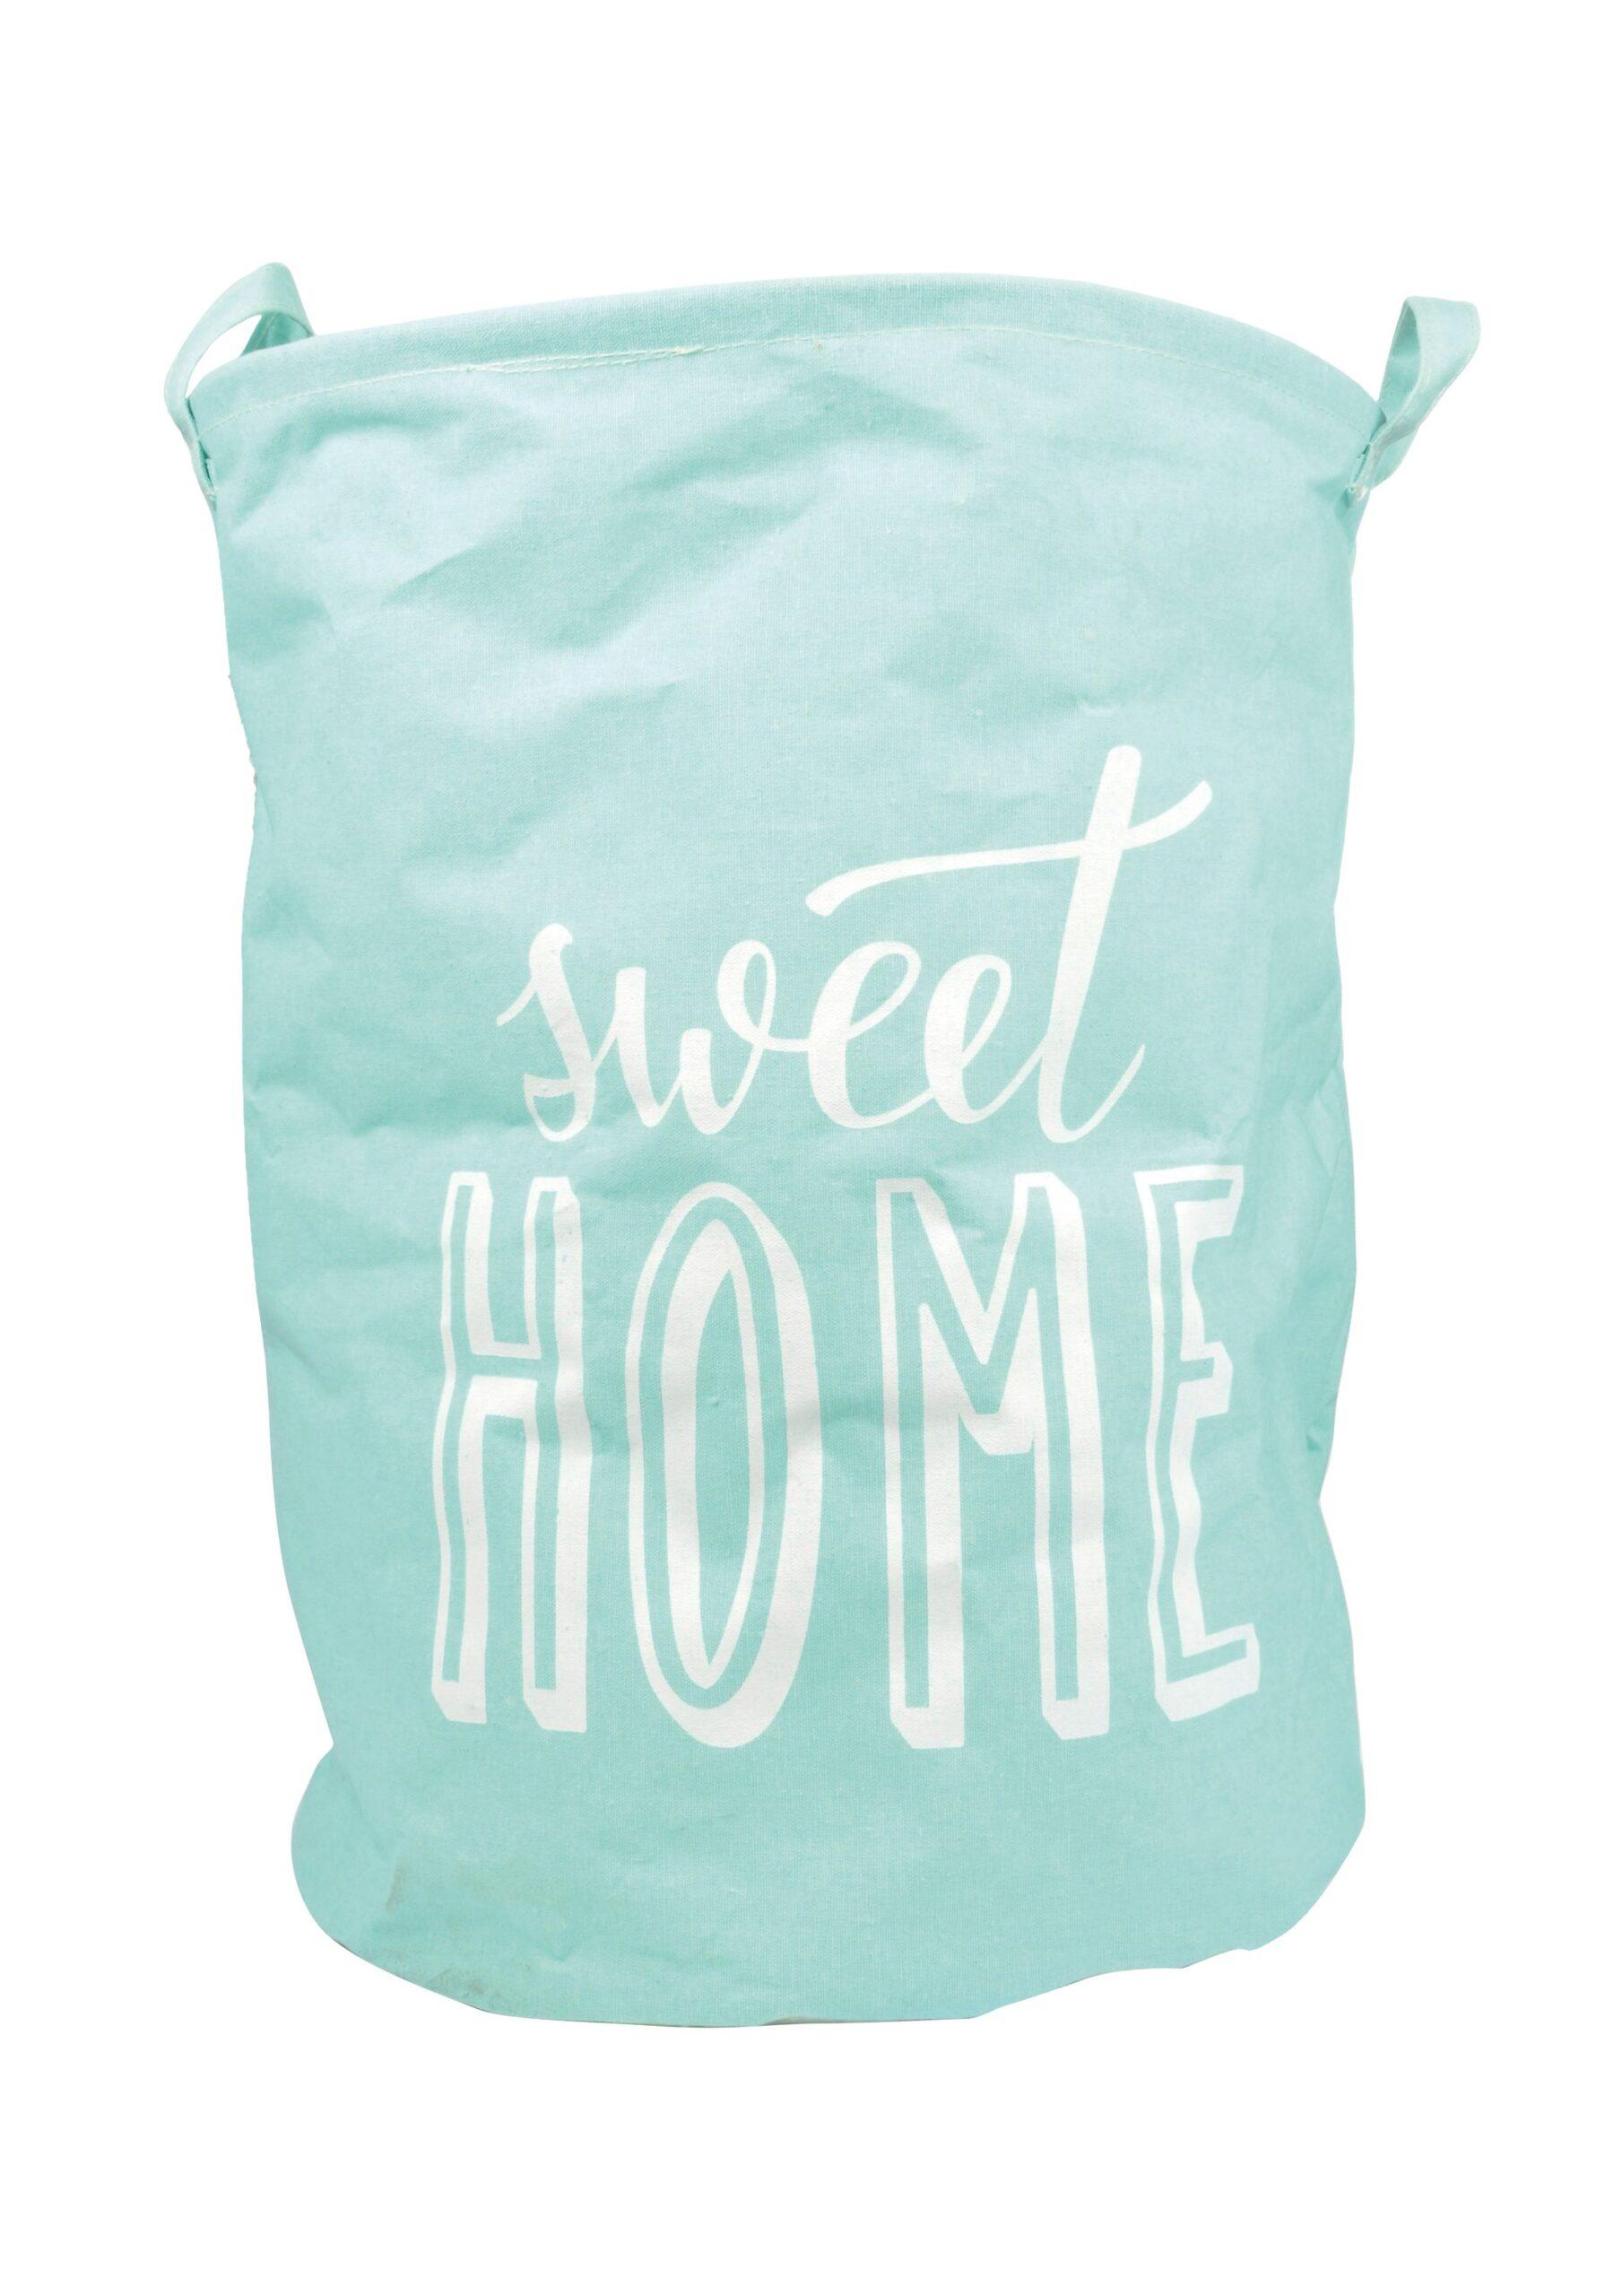 Full Size of Wäschekorb Kinderzimmer Wschekorb Wschesack Leinen 40 Cm Sweet Home Mint Blau Wei Regal Sofa Weiß Regale Kinderzimmer Wäschekorb Kinderzimmer